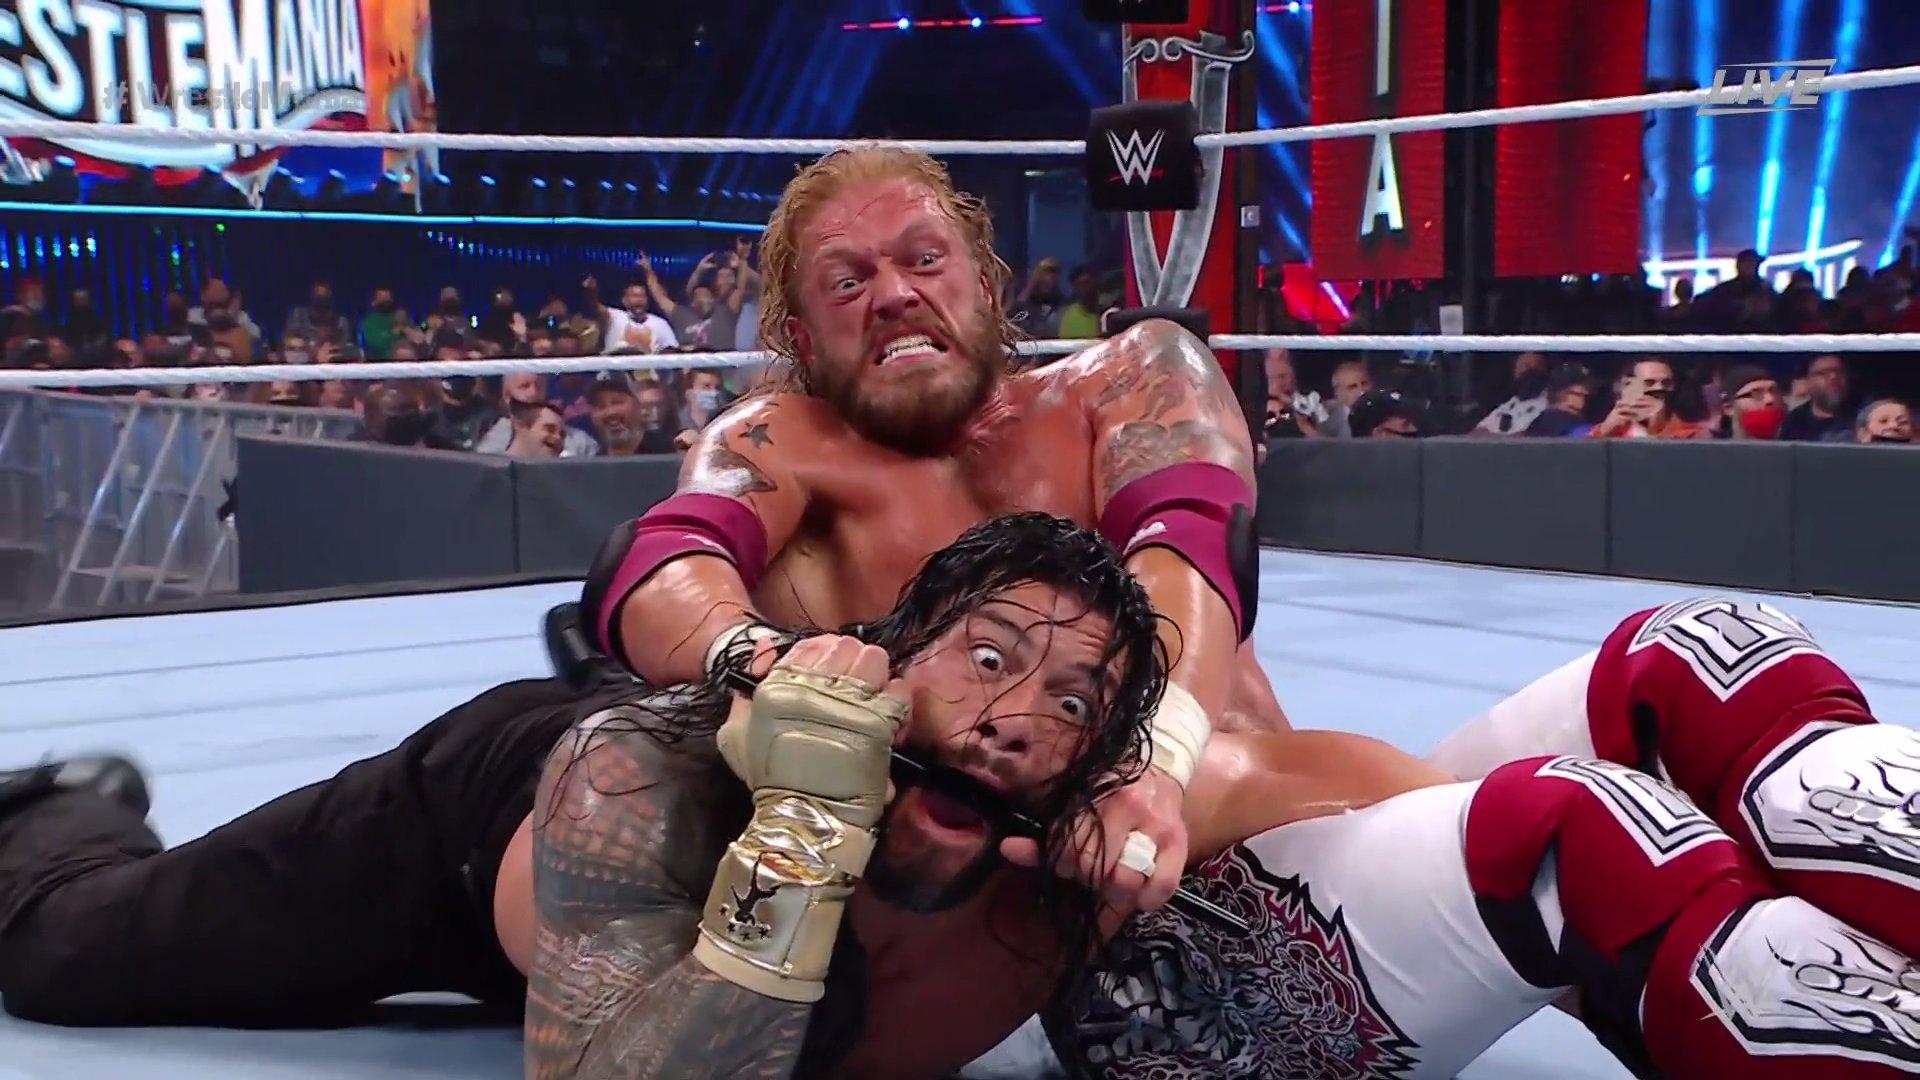 Edge sometiendo a Roman Reigns en WrestleMania 37.